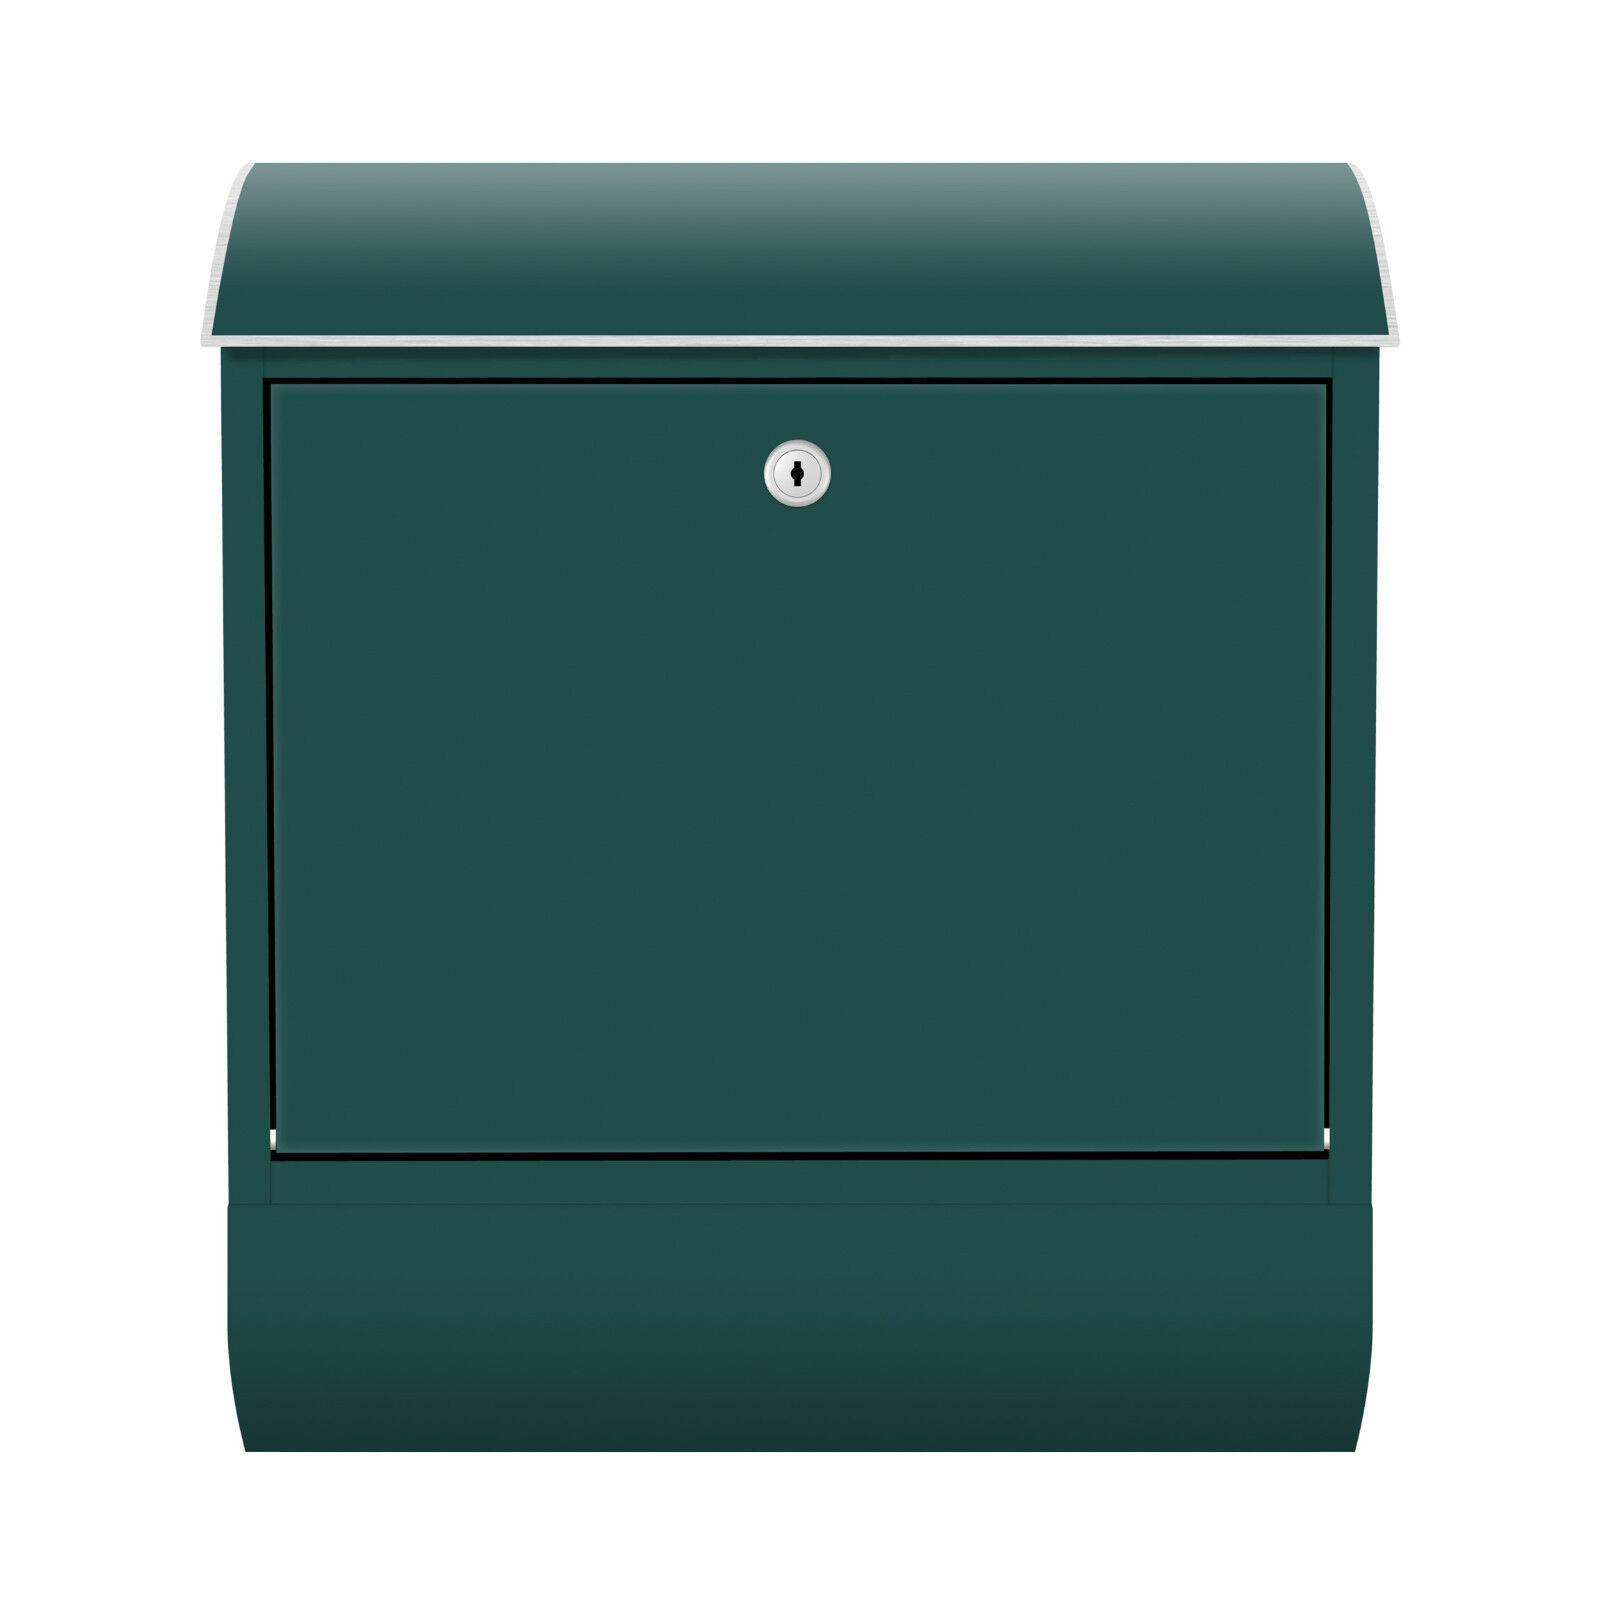 Design Briefkasten Zeitungsfach Petrol Farbe Bunt Abstrakt Retro Brief Letterbox